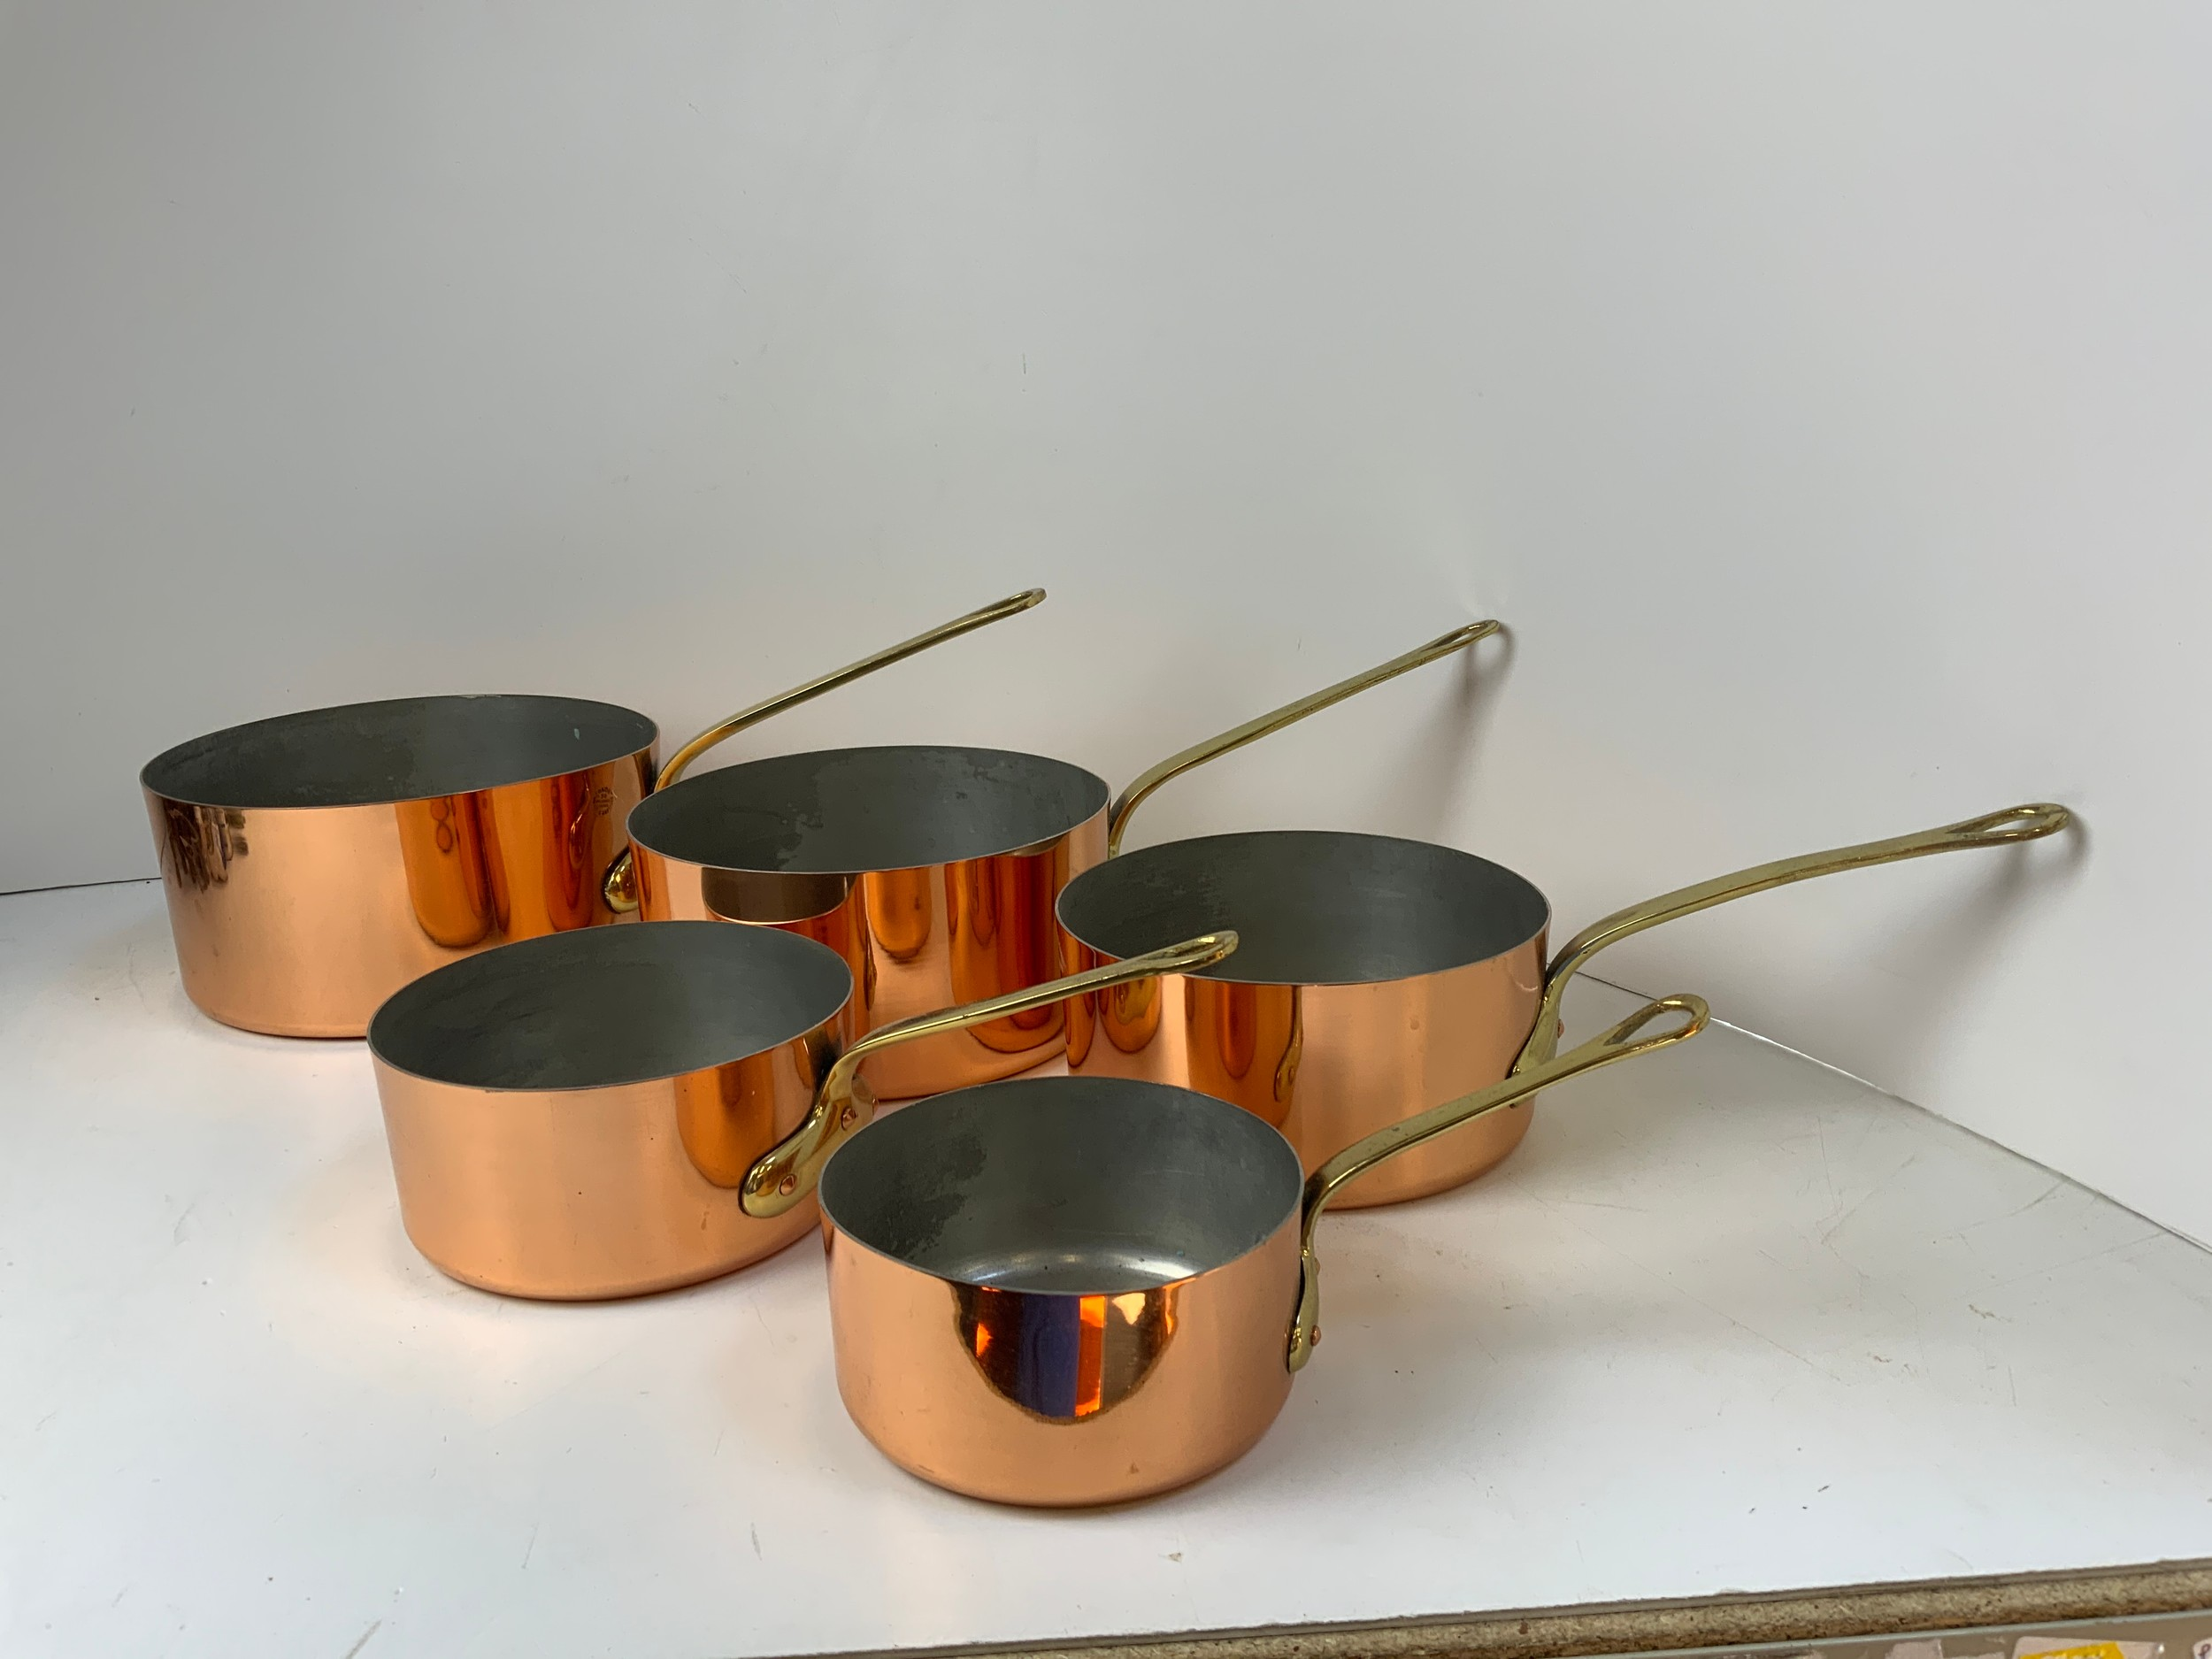 Modern Graduating Copper Pans